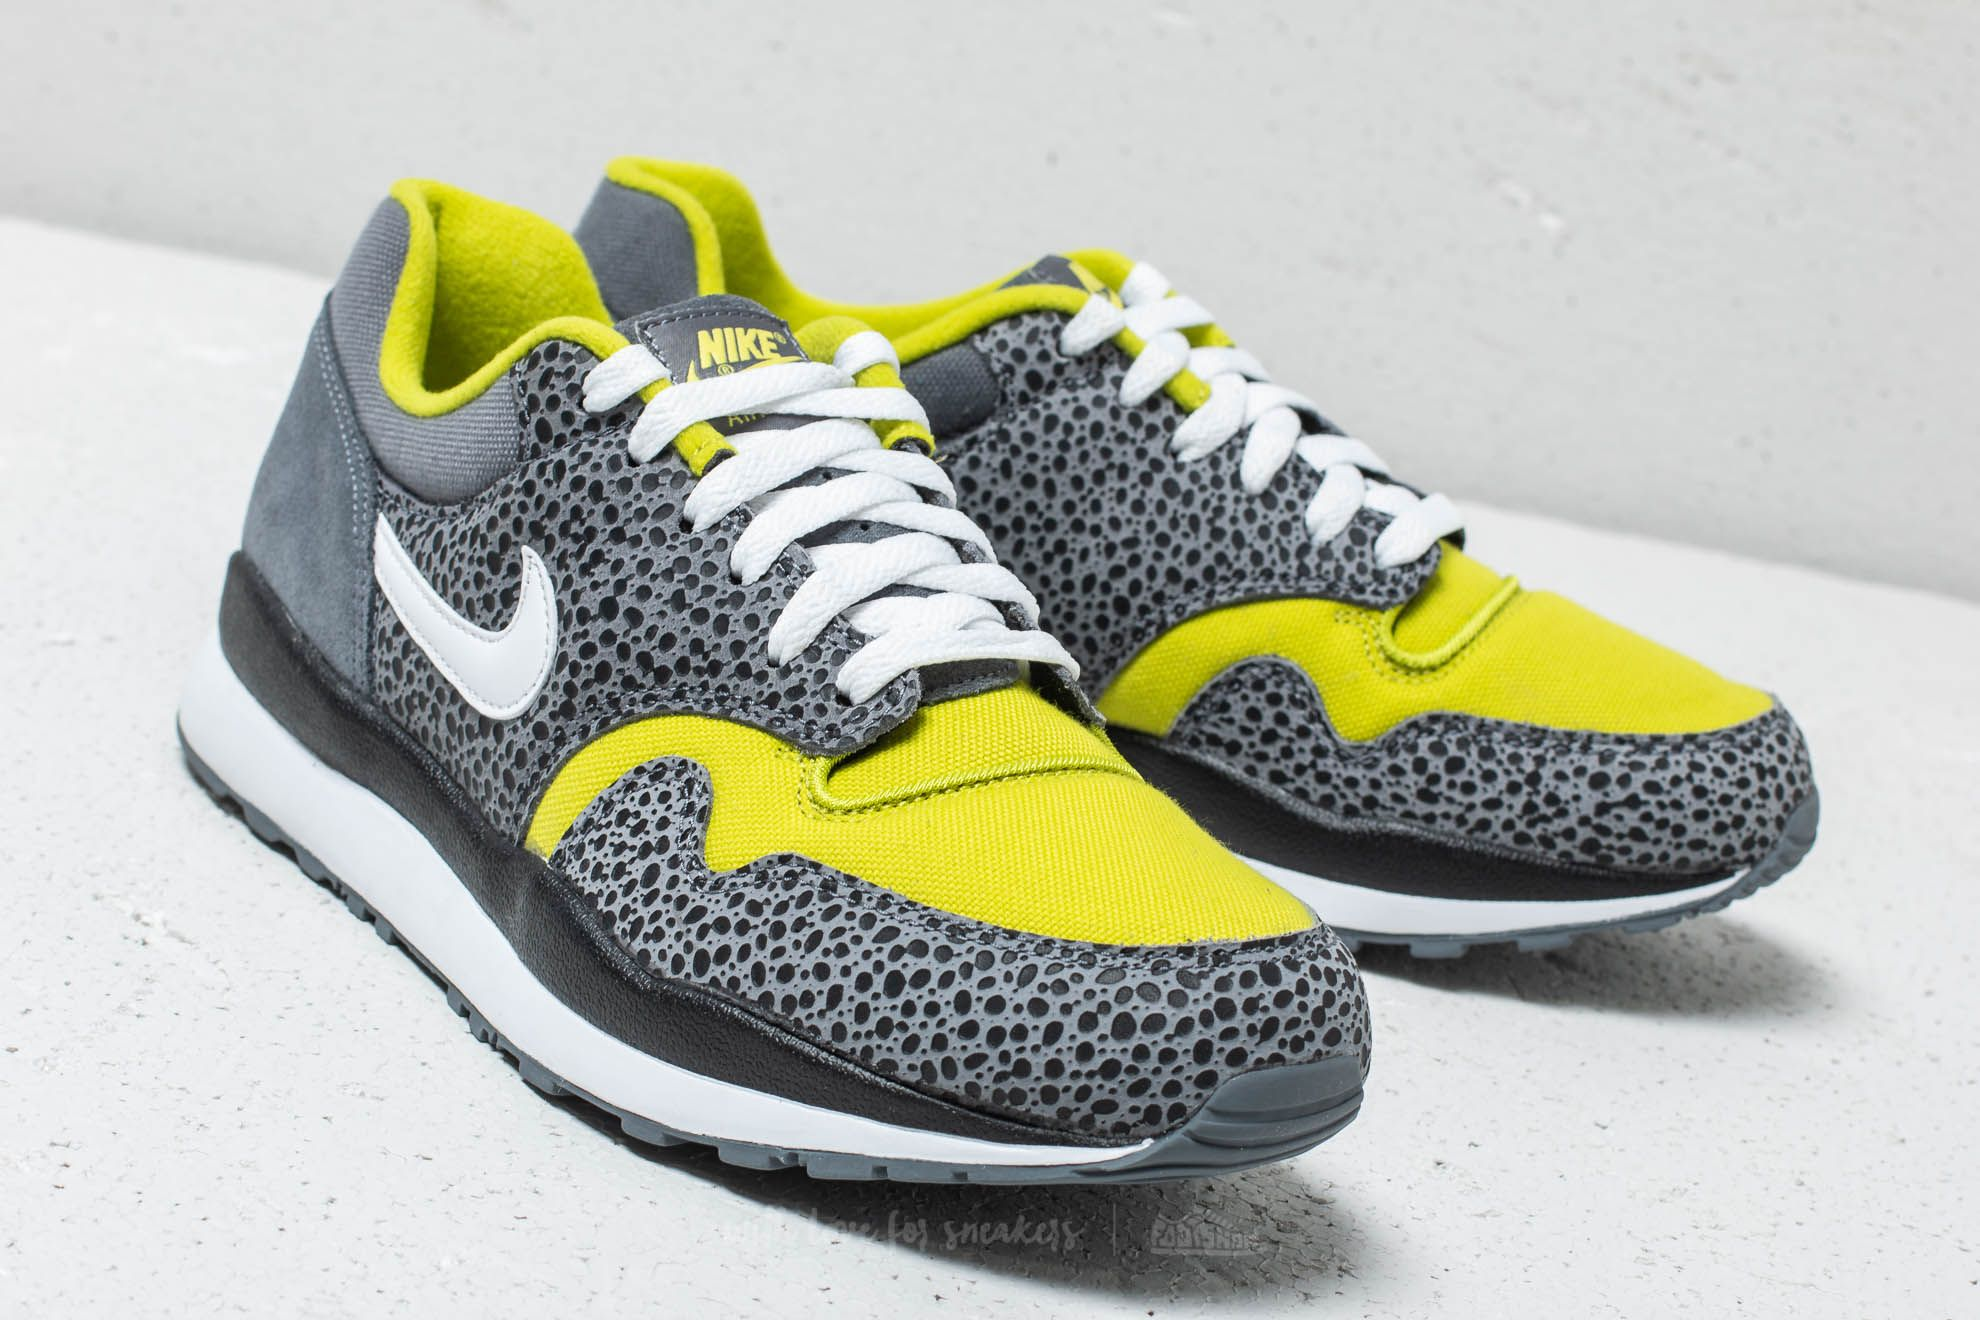 77c69d278be Nike Air Safari SE Flint Grey  White-Bright Cactus za skvelú cenu 77 €